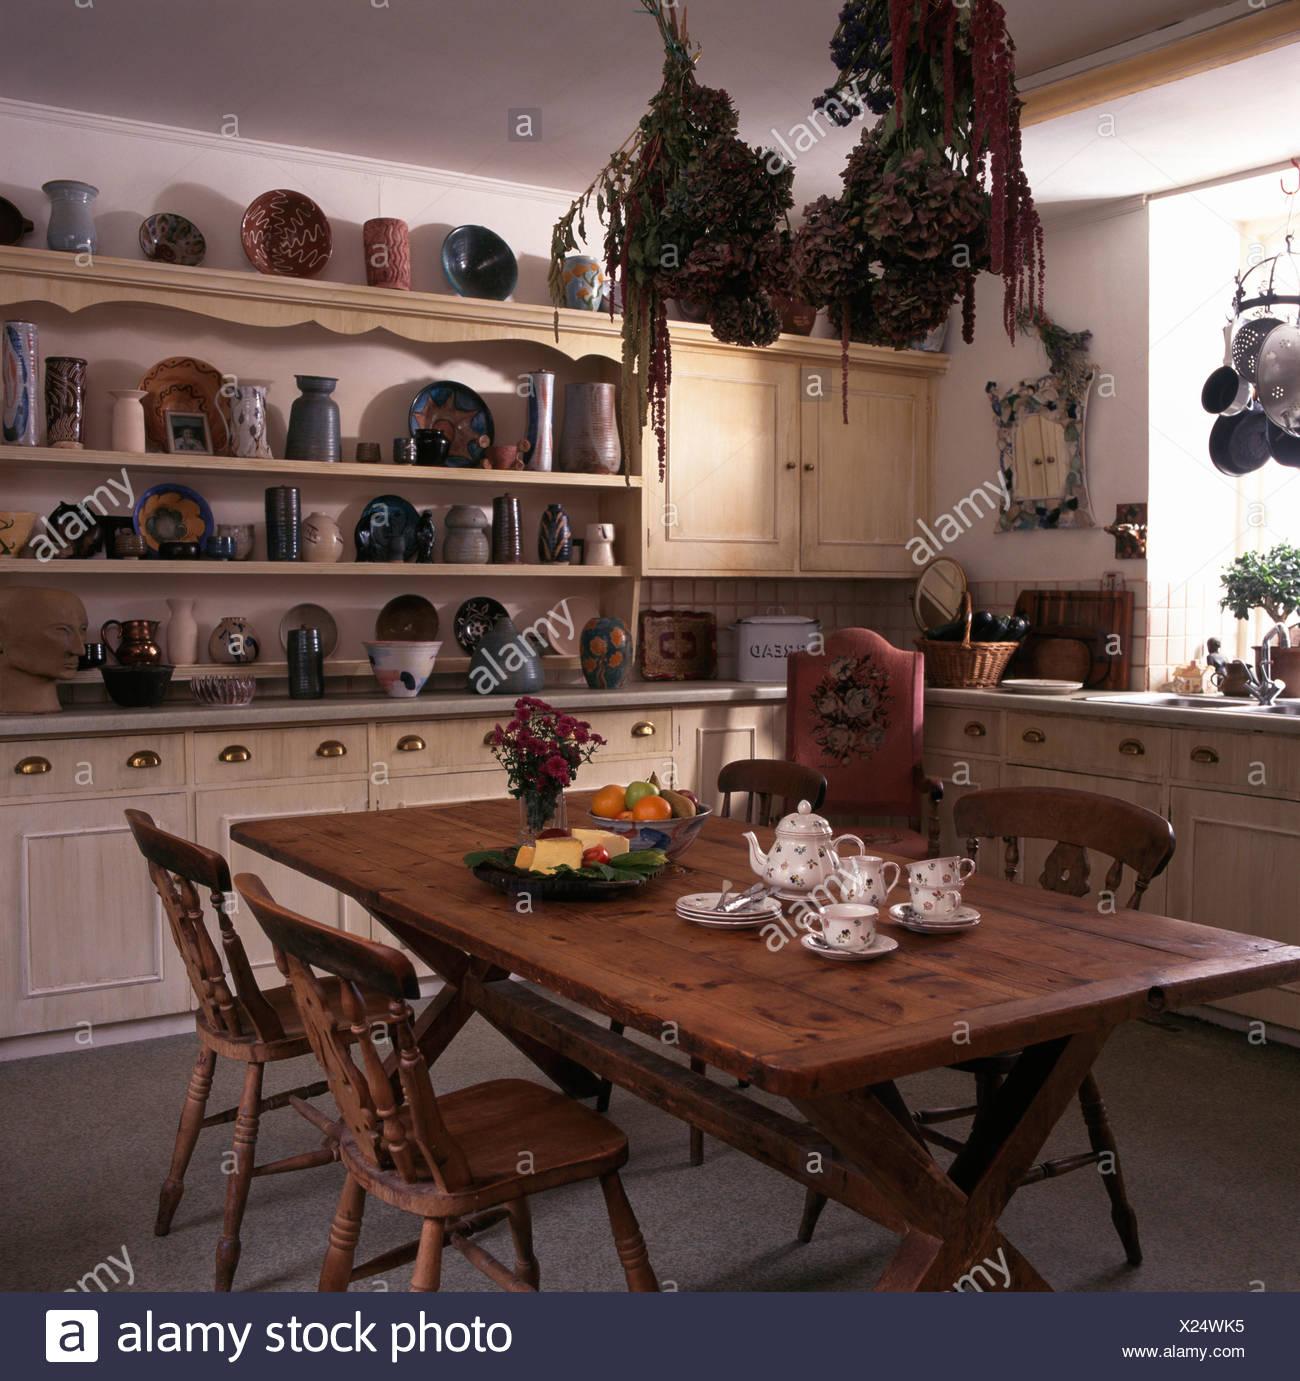 Pino Antico Tavolo E Sedie In Cucina Di Paese Con La Collezione Di Ceramiche Vintage Sulla Scaffalatura Di Crema Foto Stock Alamy